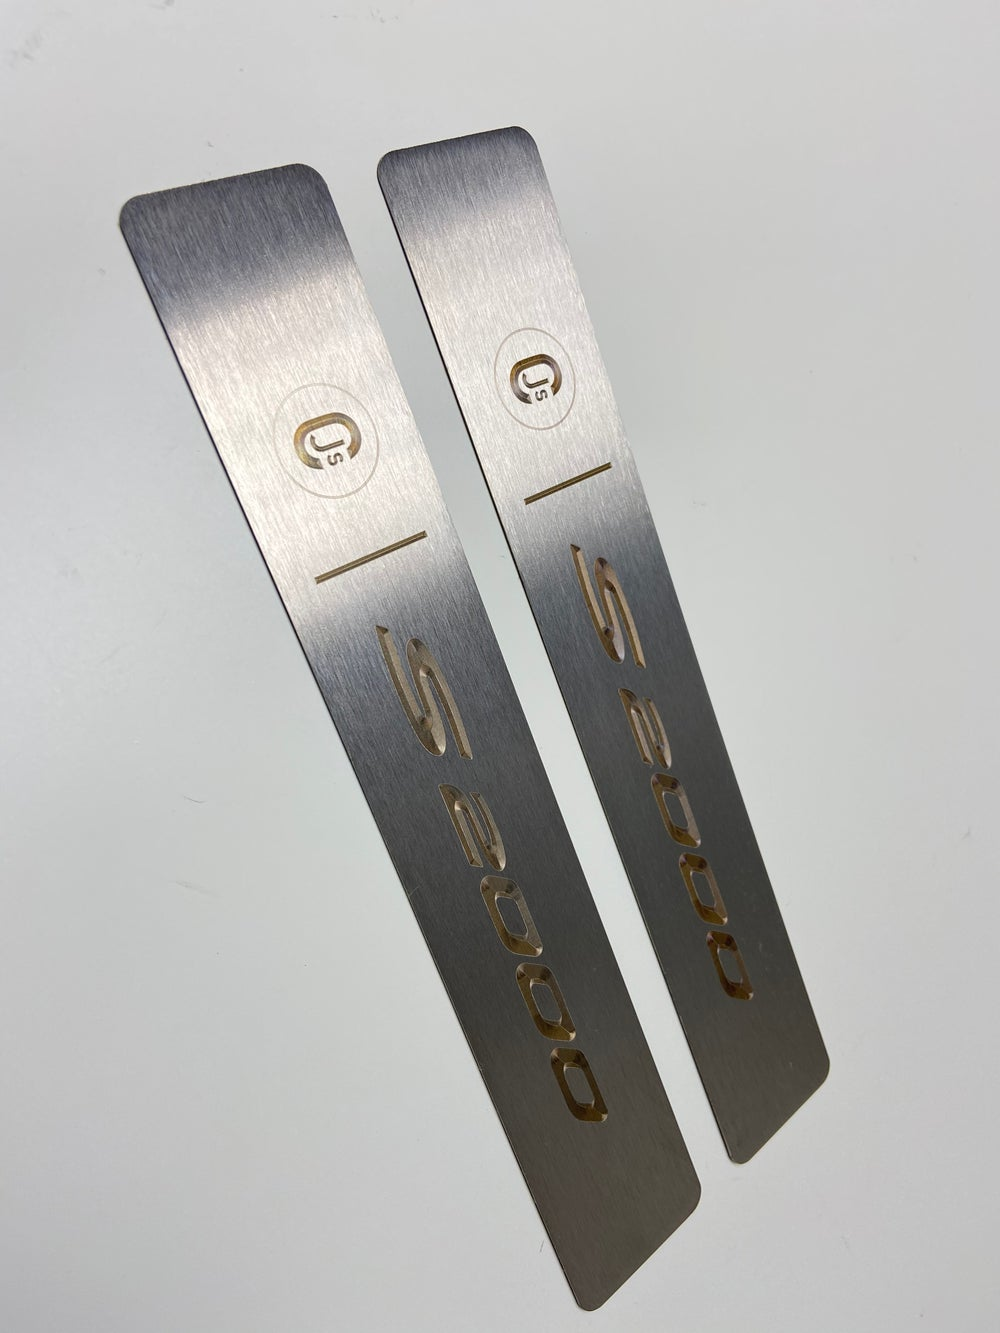 S2000 Titanium Door Sill Inserts